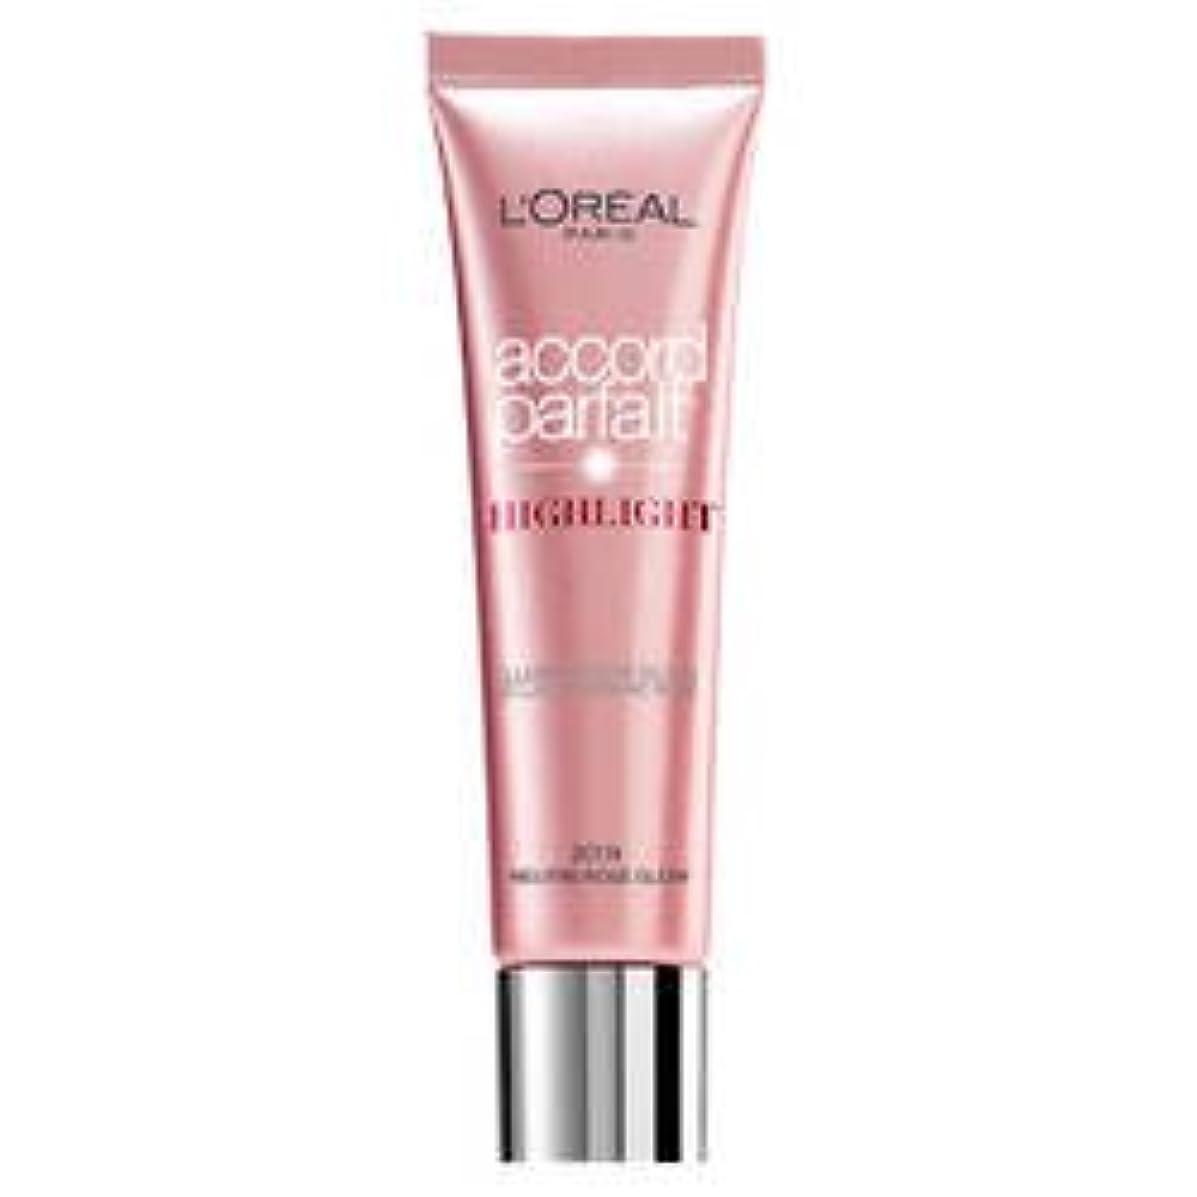 うなる素晴らしい良い多くの実行するL 'Oréal Paris Accord Parfait Highlight Enlumineur Liquide 201 Rose